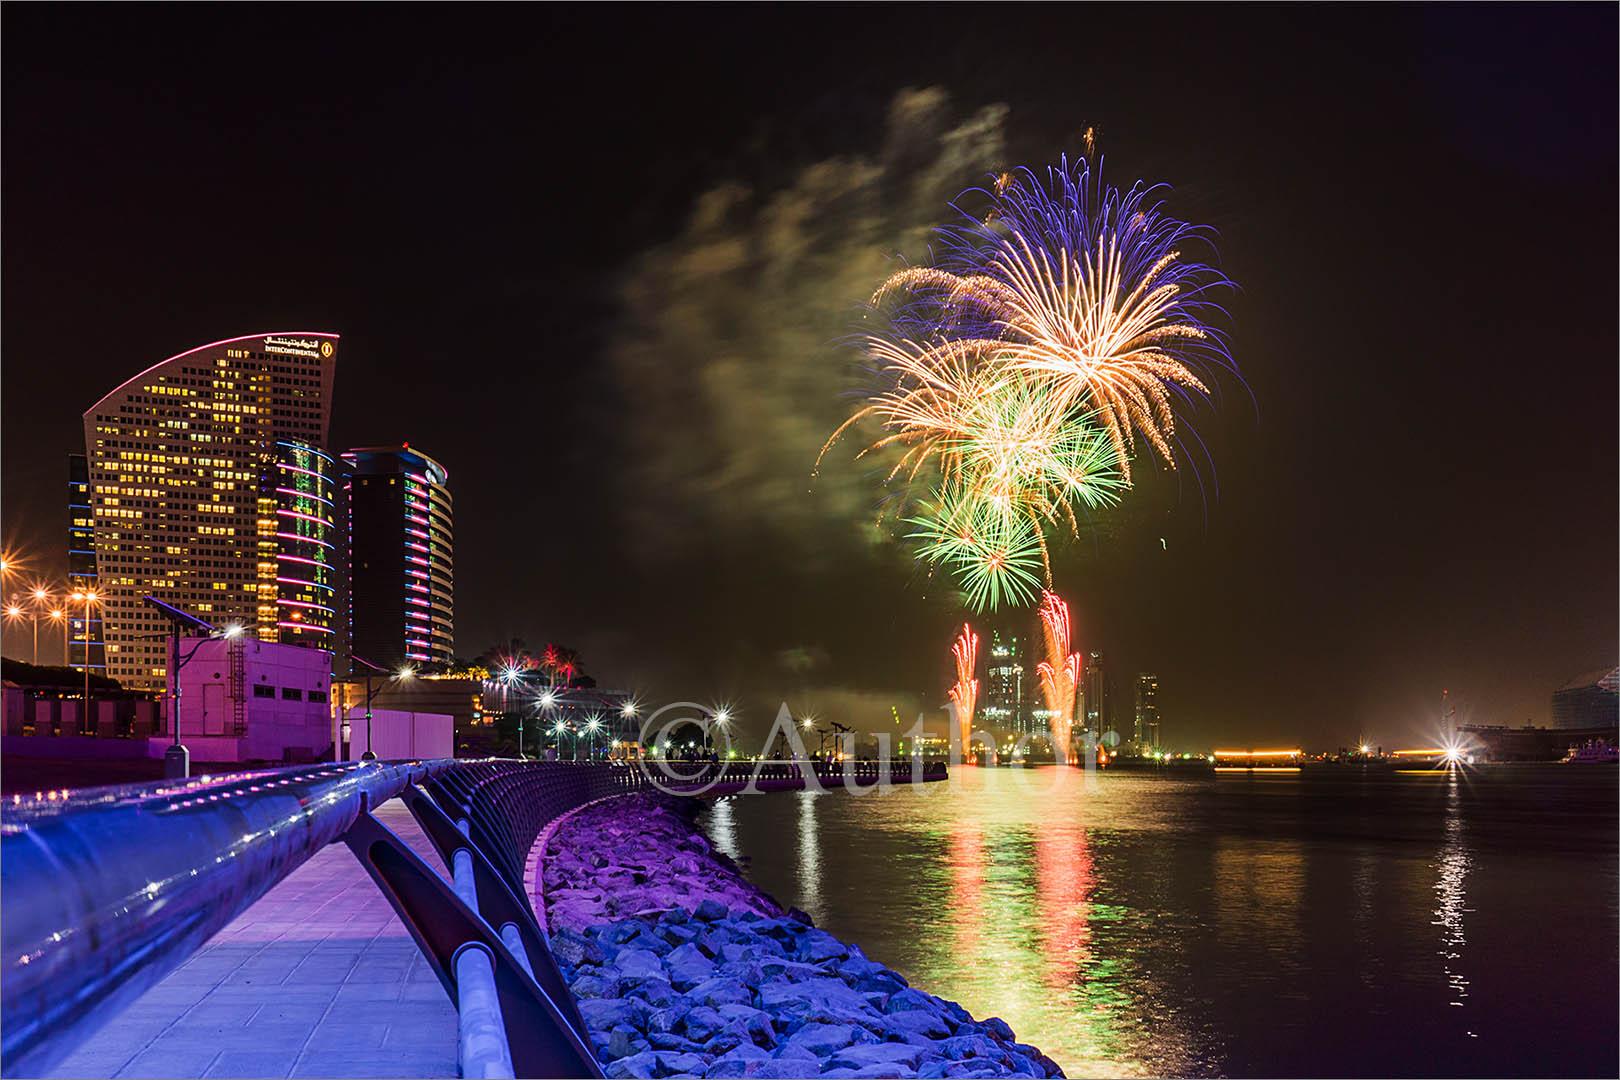 5_PI_Fireworks_Gary Andrew Peck